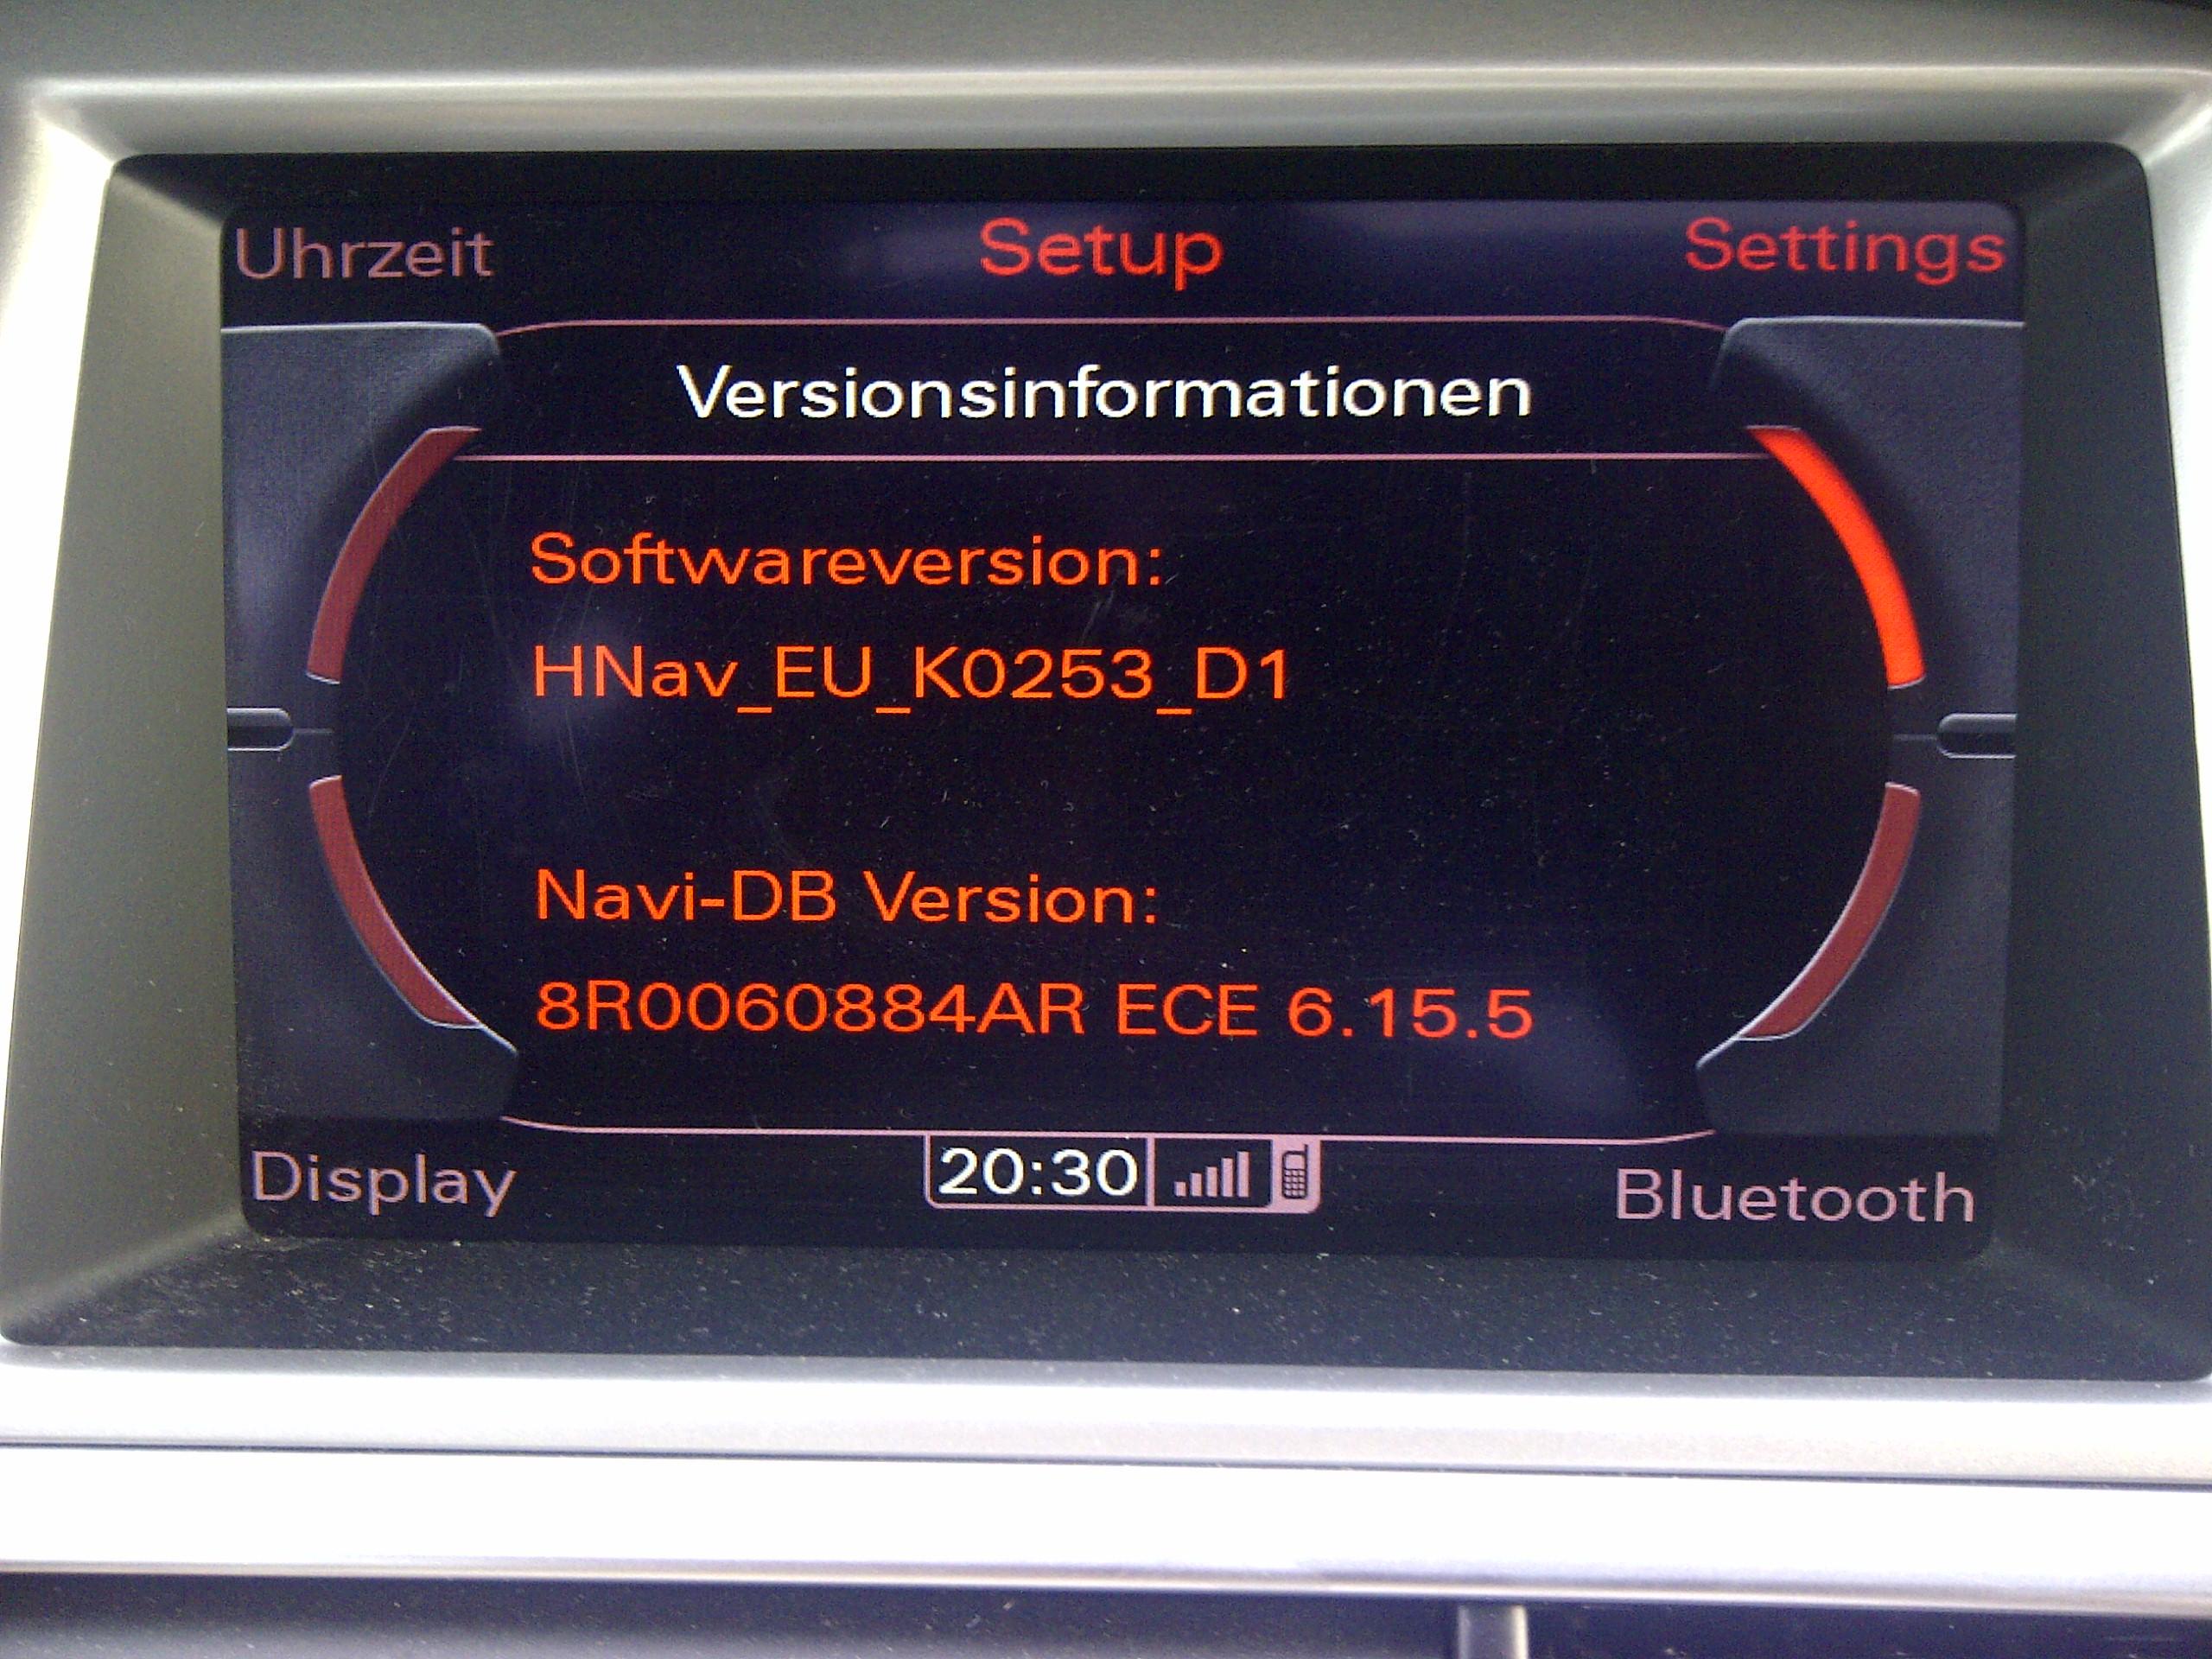 mmi 3g hdd - softwarerevisionen mmi und navi - a6-wiki